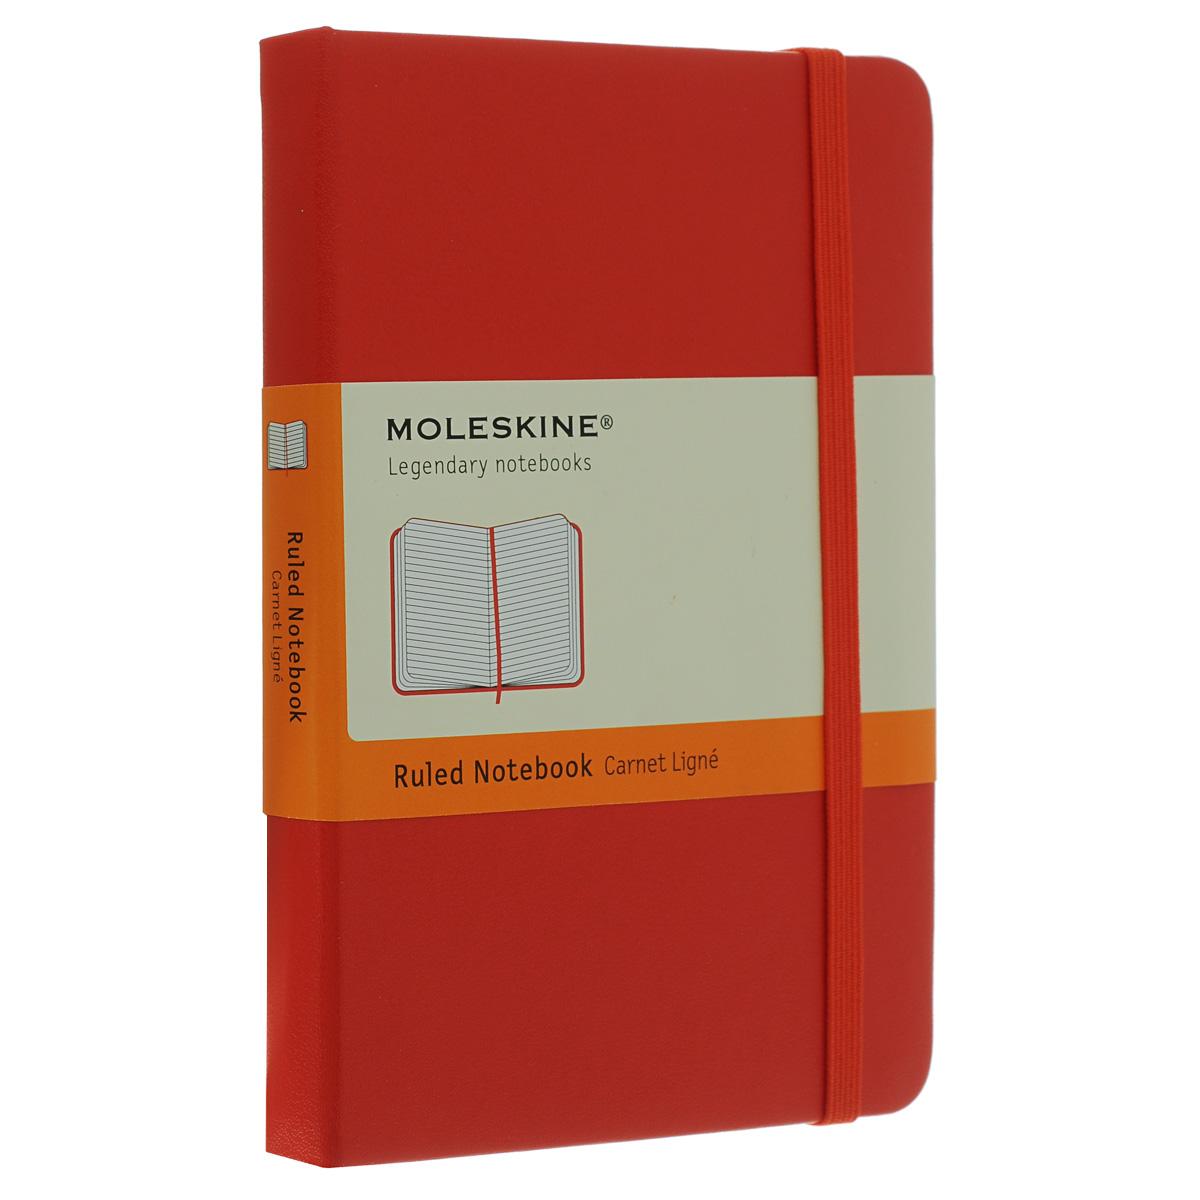 Блокнот Moleskine Moleskine Classic Moleskine Classic (в линейку) Pocket красный 9,5 см х 14 смQP013ENБлокнот Moleskine Classic - прекрасный инструмент для записи мыслей и важных заметок. Содержит 192 страницы в линейку. Неповторимые черты блокнота Молескин: Удобная эластичная резинка-застежка; Прочная влагозащитная обложка; Прошитый нитками переплет; Практичные скругленные углы; Не желтеющие со временем страницы; Быстро впитывающая чернила бумага; Функциональная закладка ляссе; Вместительный внутренний кармашек на задней обложке.